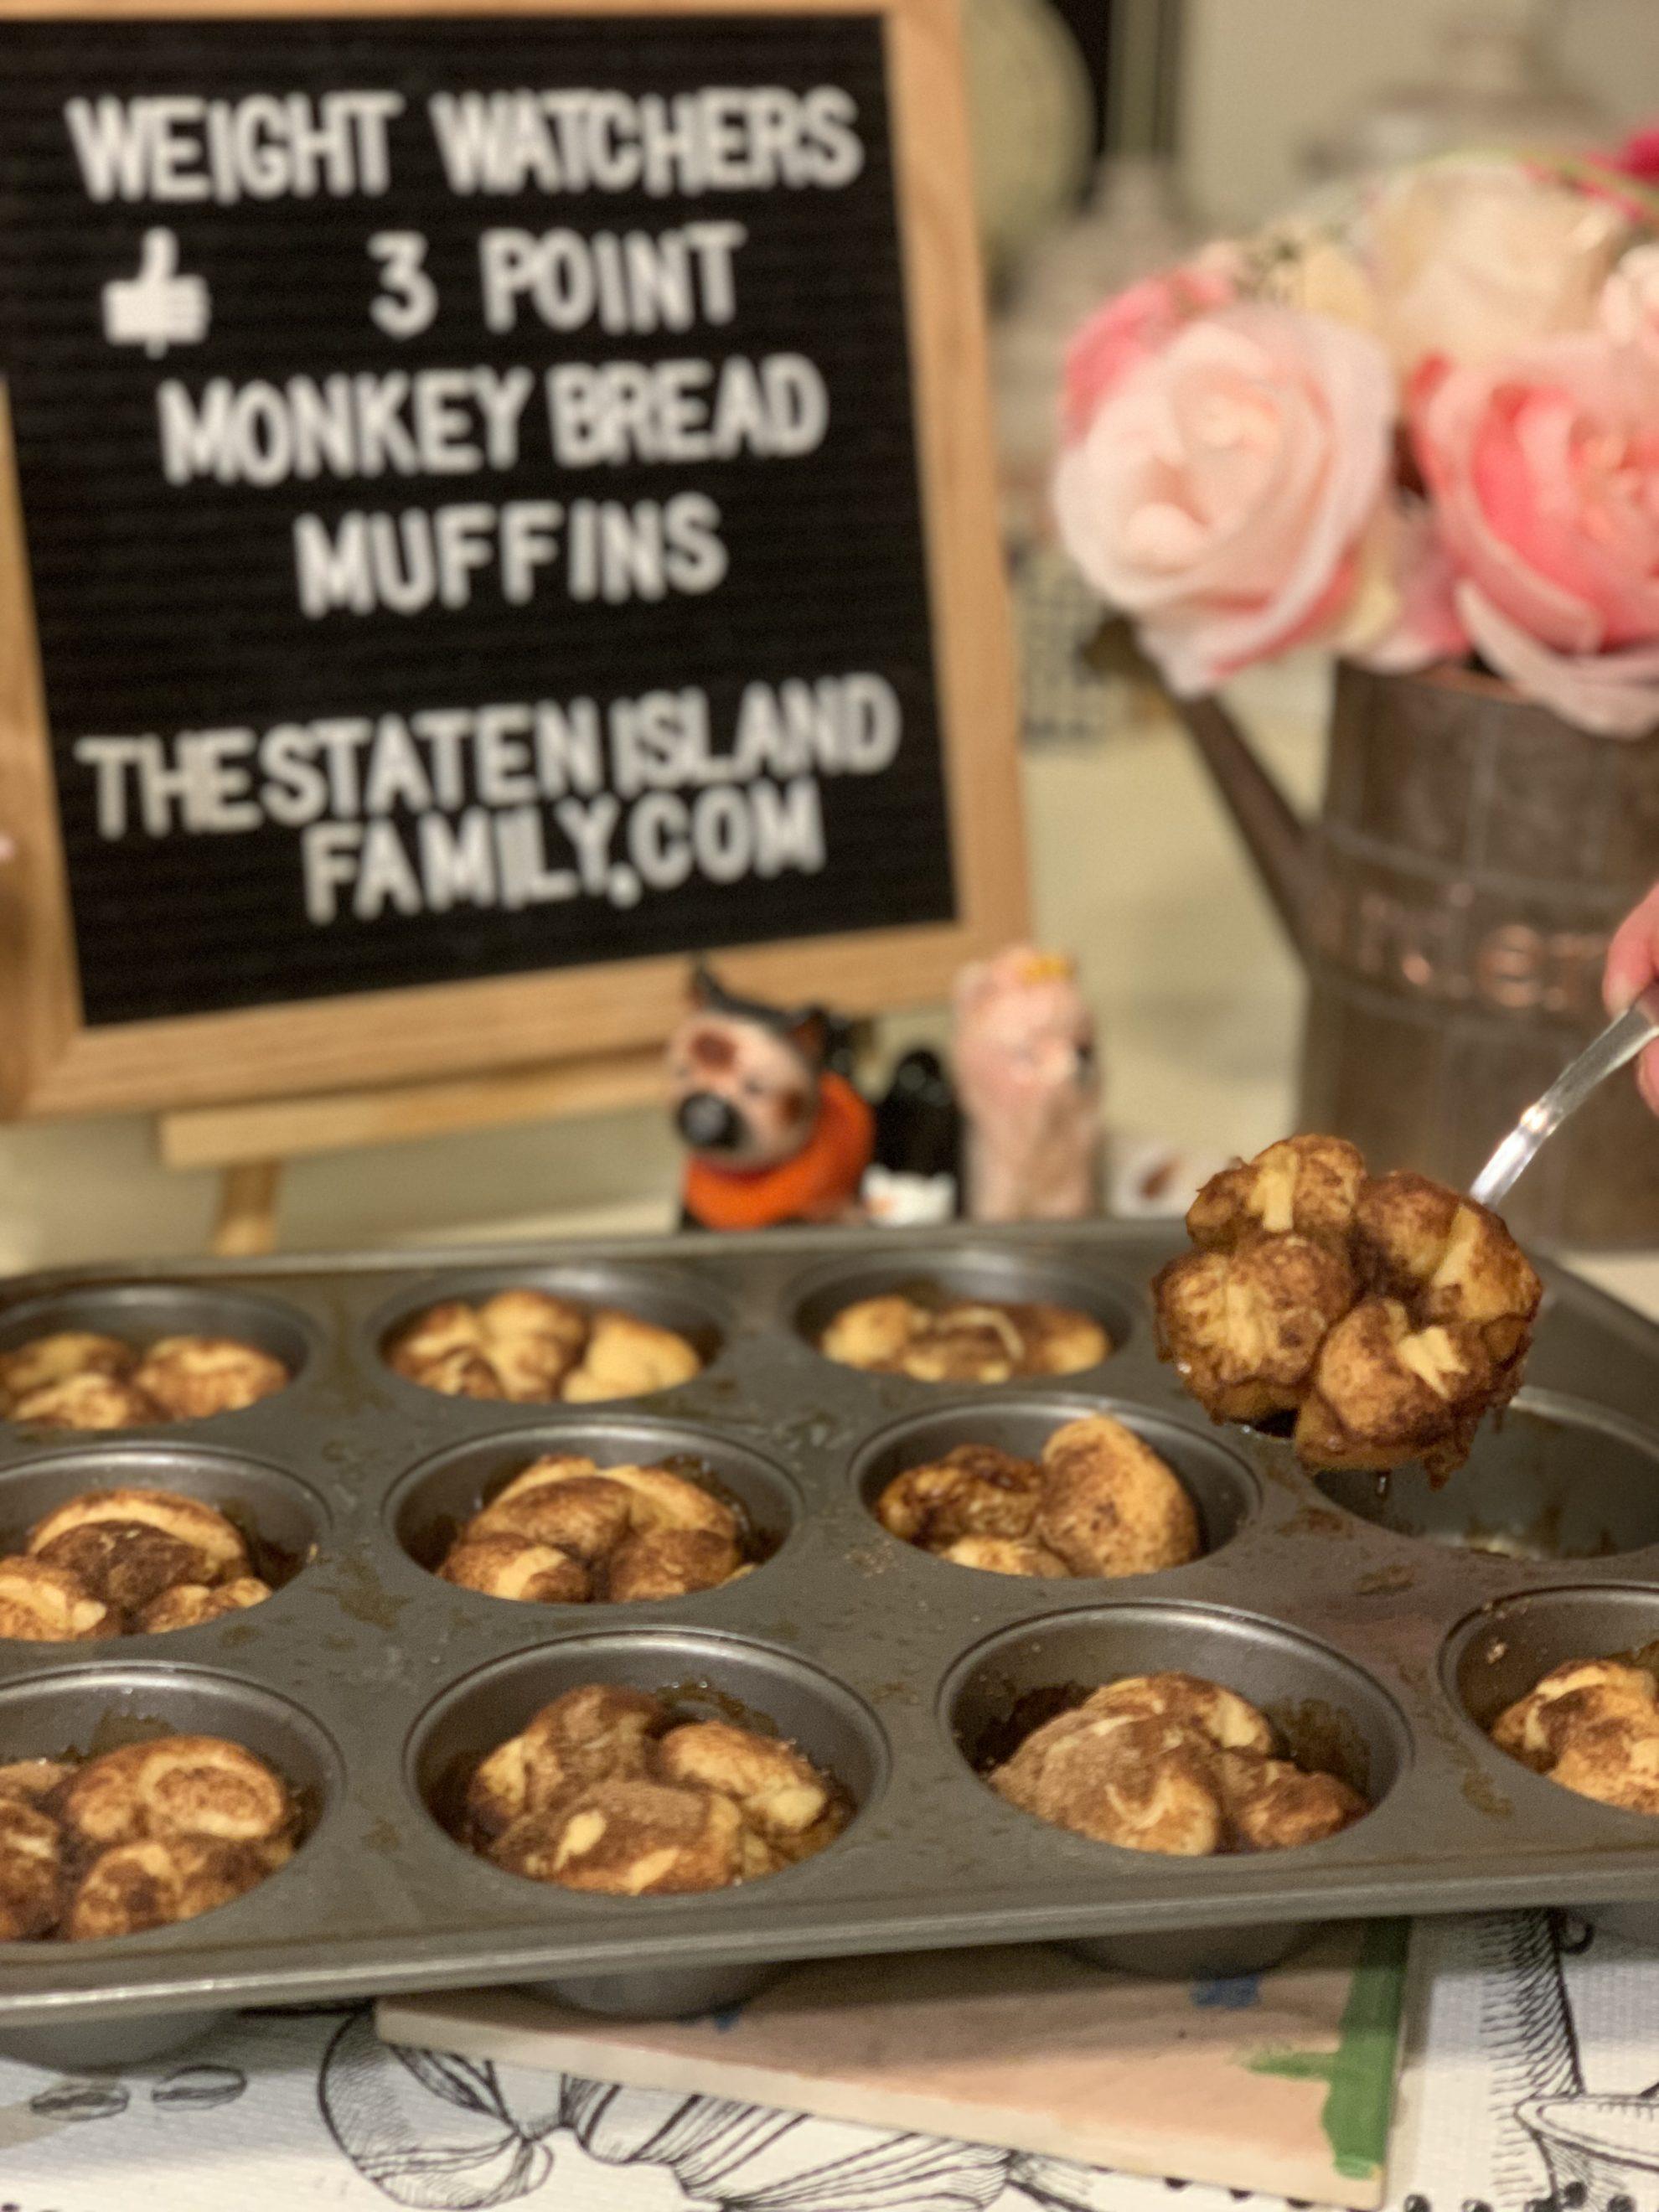 Weight Watchers Monkey Bread Muffins